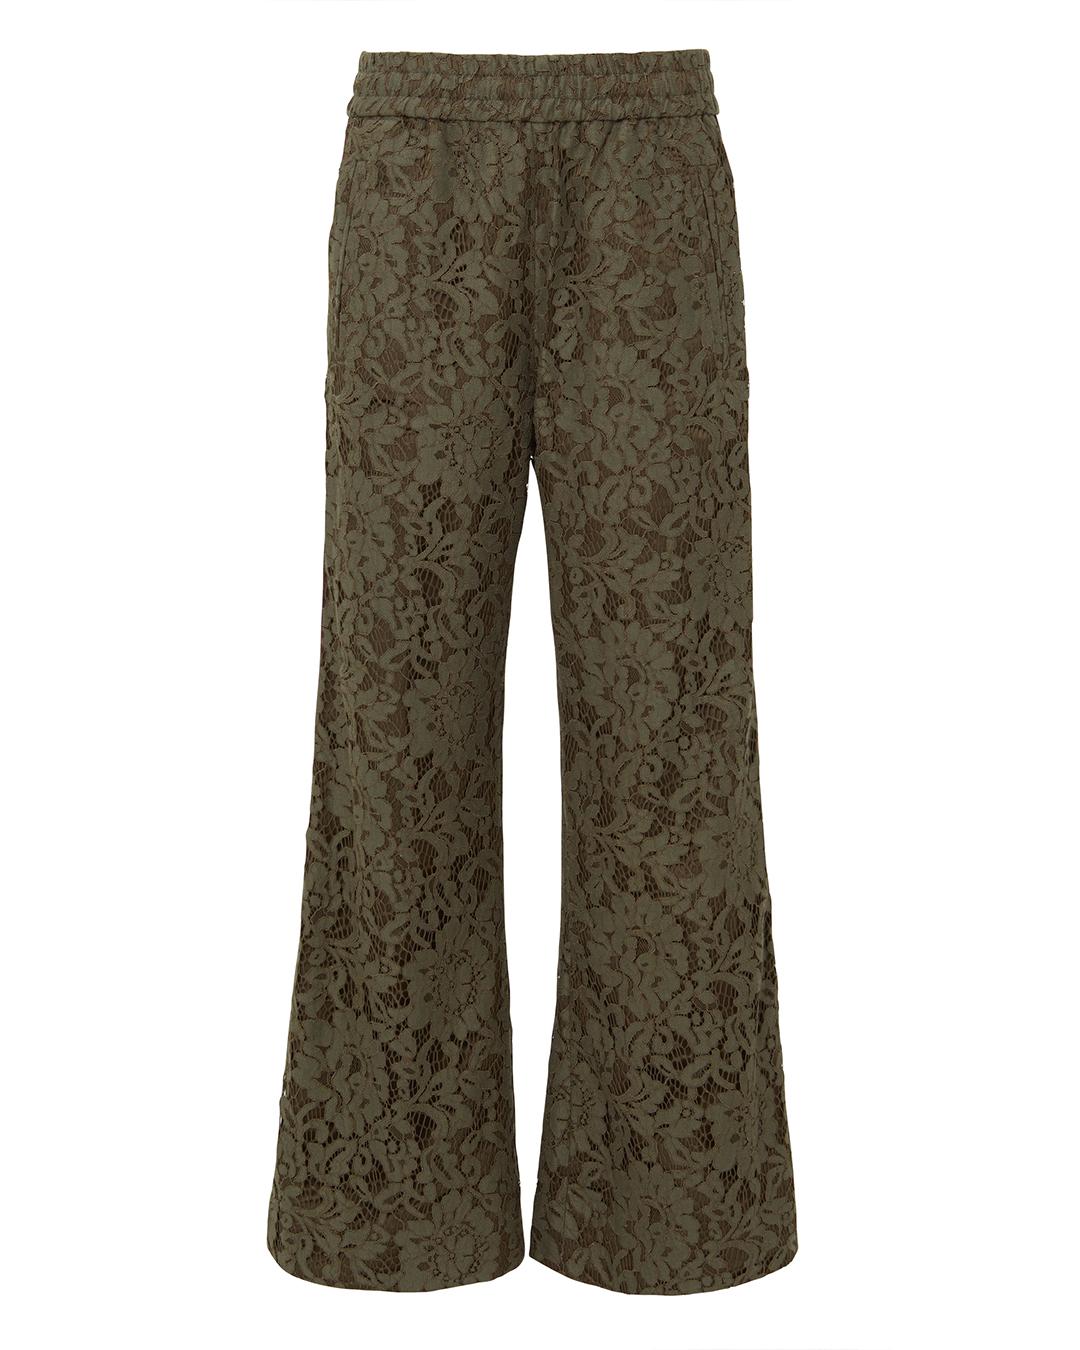 TORN Ester Lace Pants